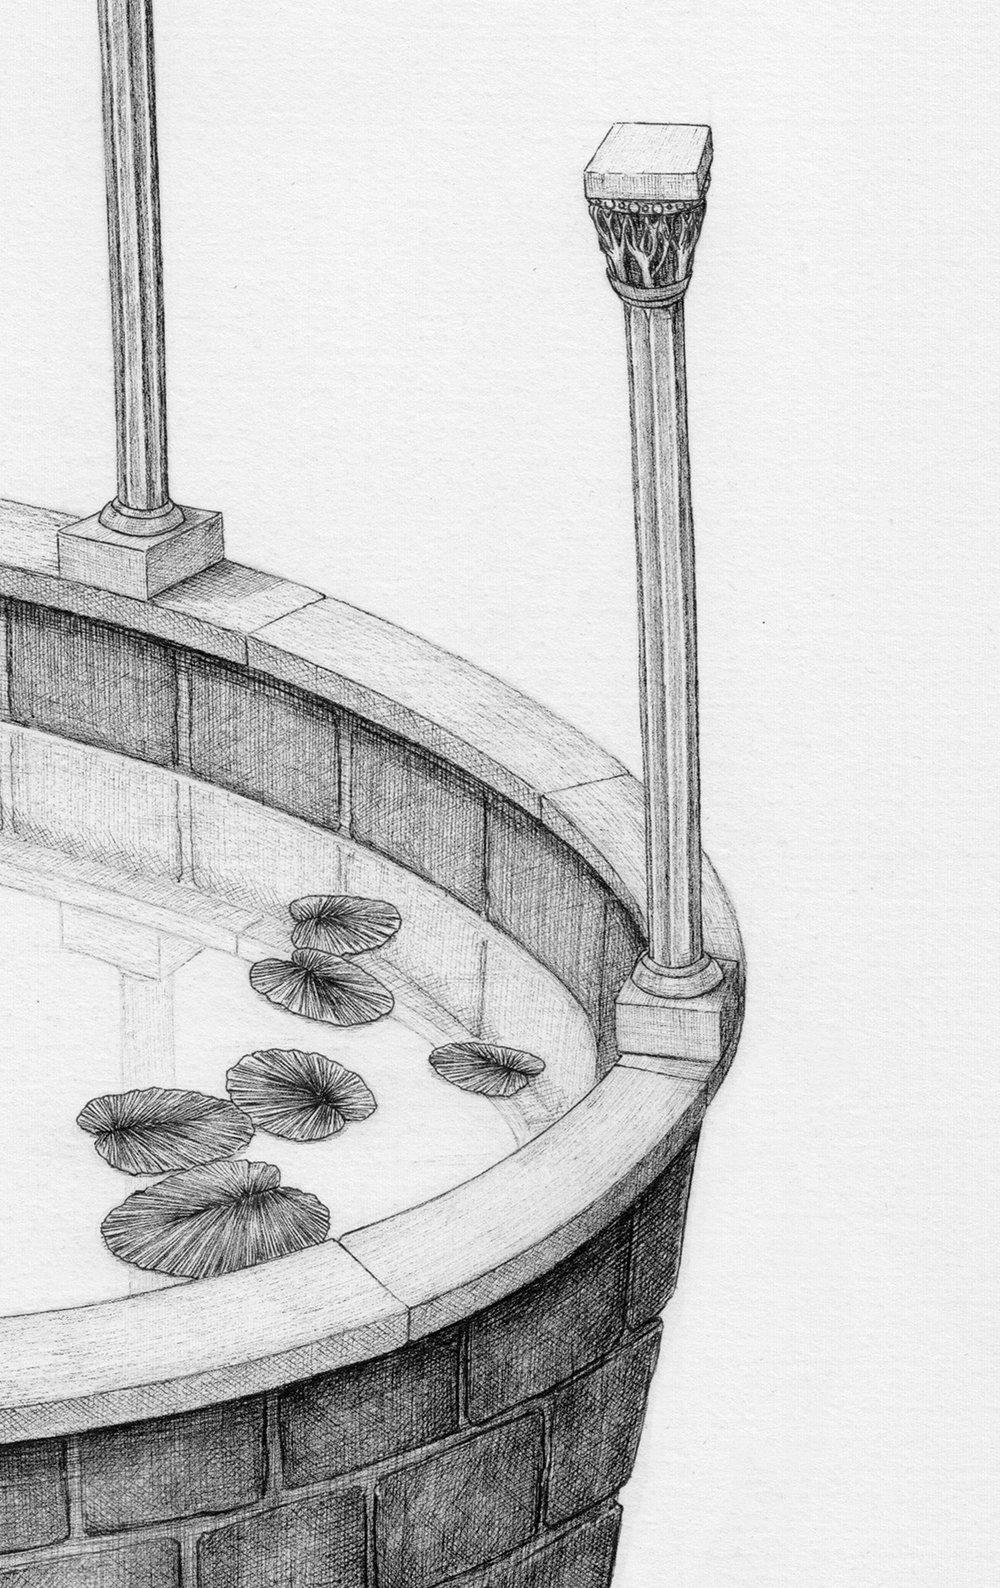 FloatingIsland#8detweb5.jpg